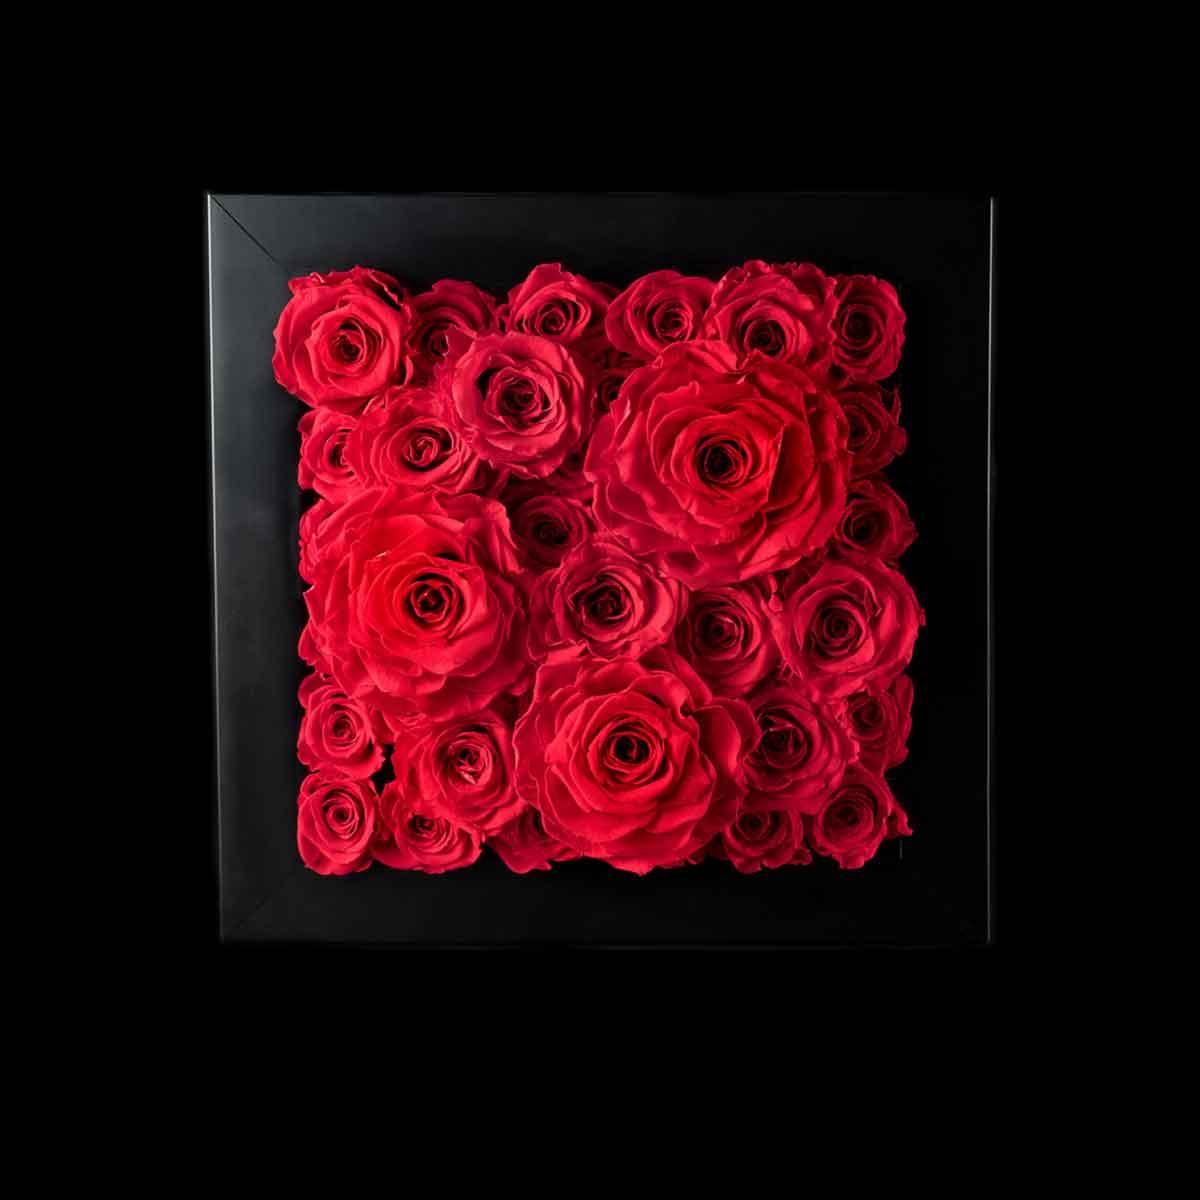 Ars Nova – Quadro tridimensionale rose rosse